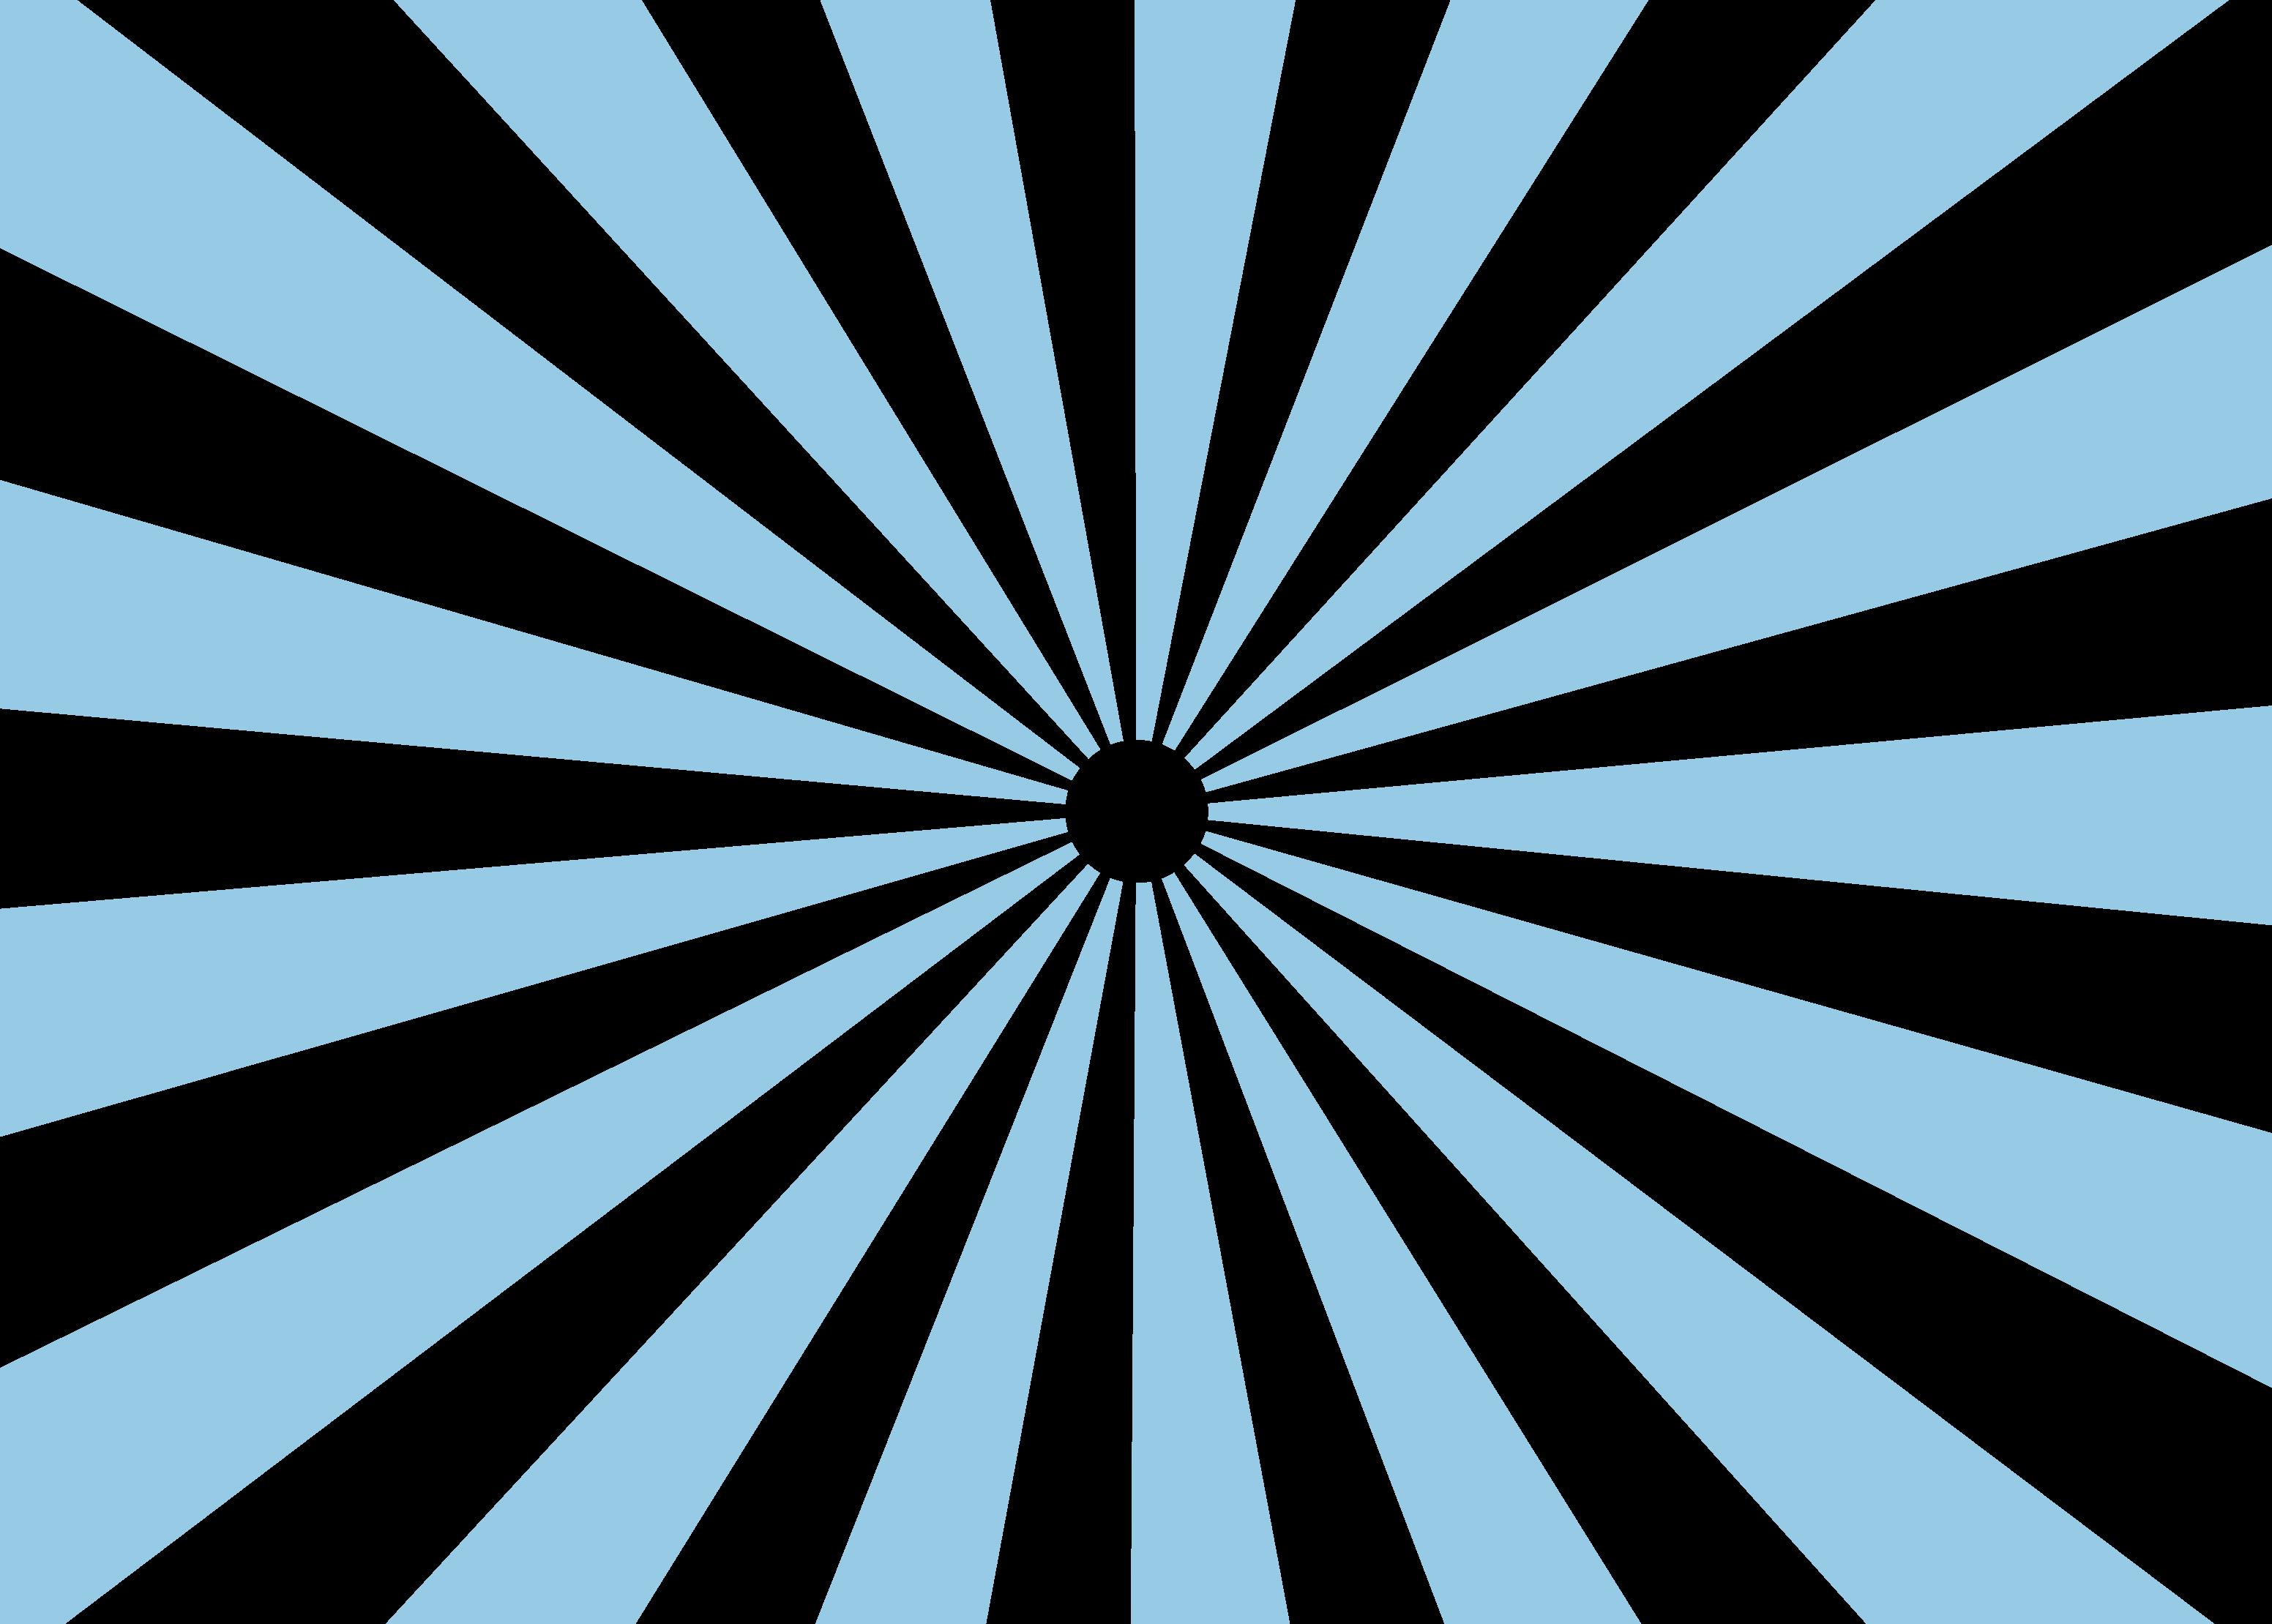 シンプル放射状(放射線)背景日の出風 / ピカピカにぎやか | 可愛い